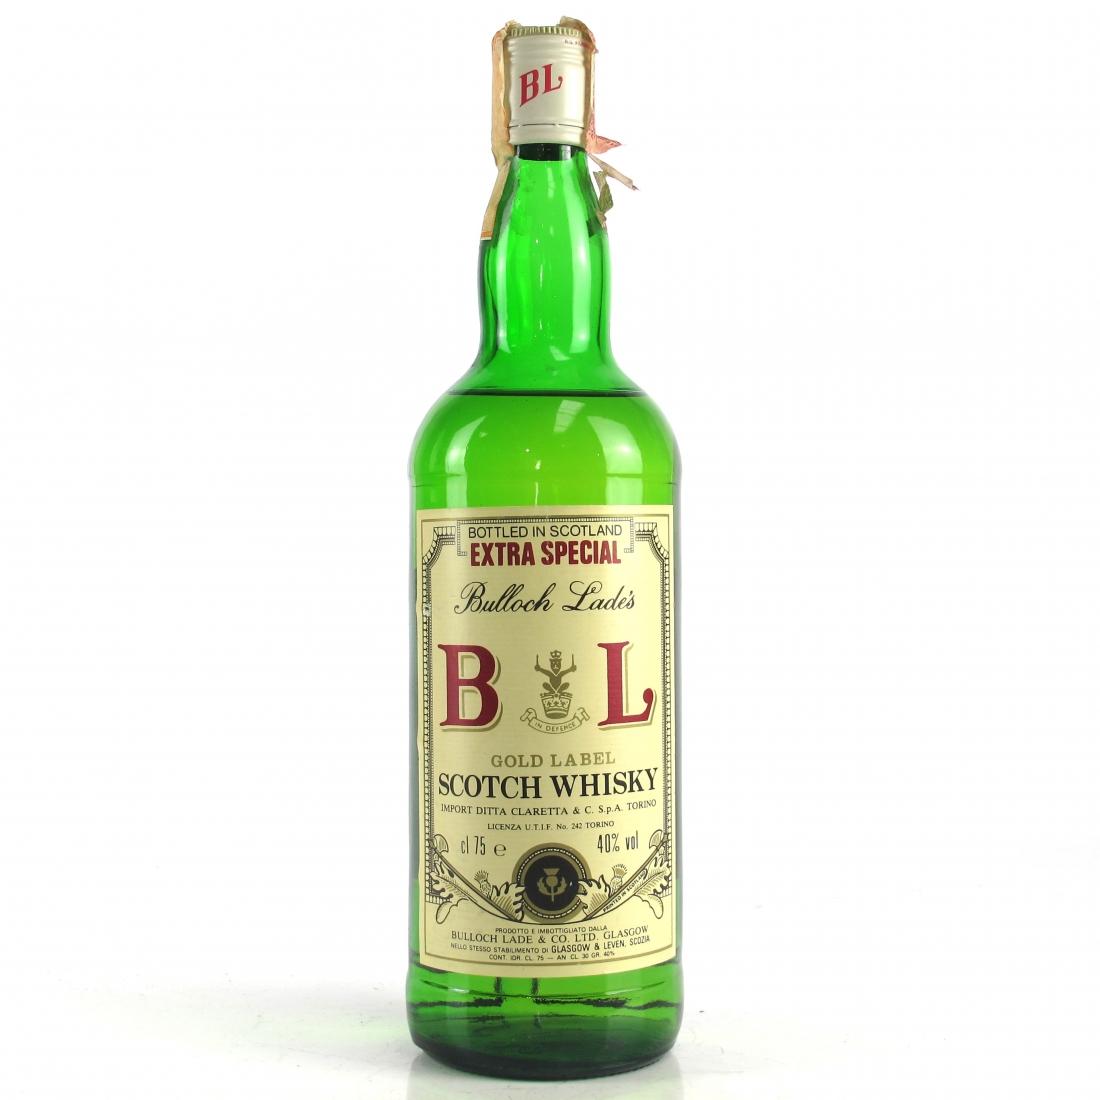 Bulloch Lade's Gold Label 1980's / Claretta Import